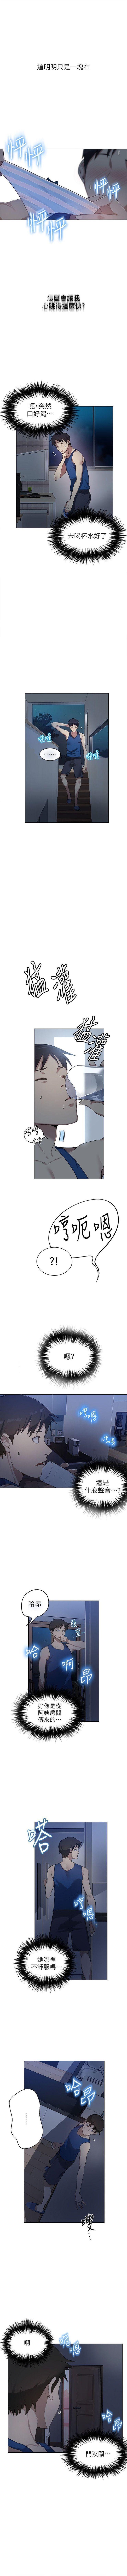 秘密教學  1-63 官方中文(連載中) 9